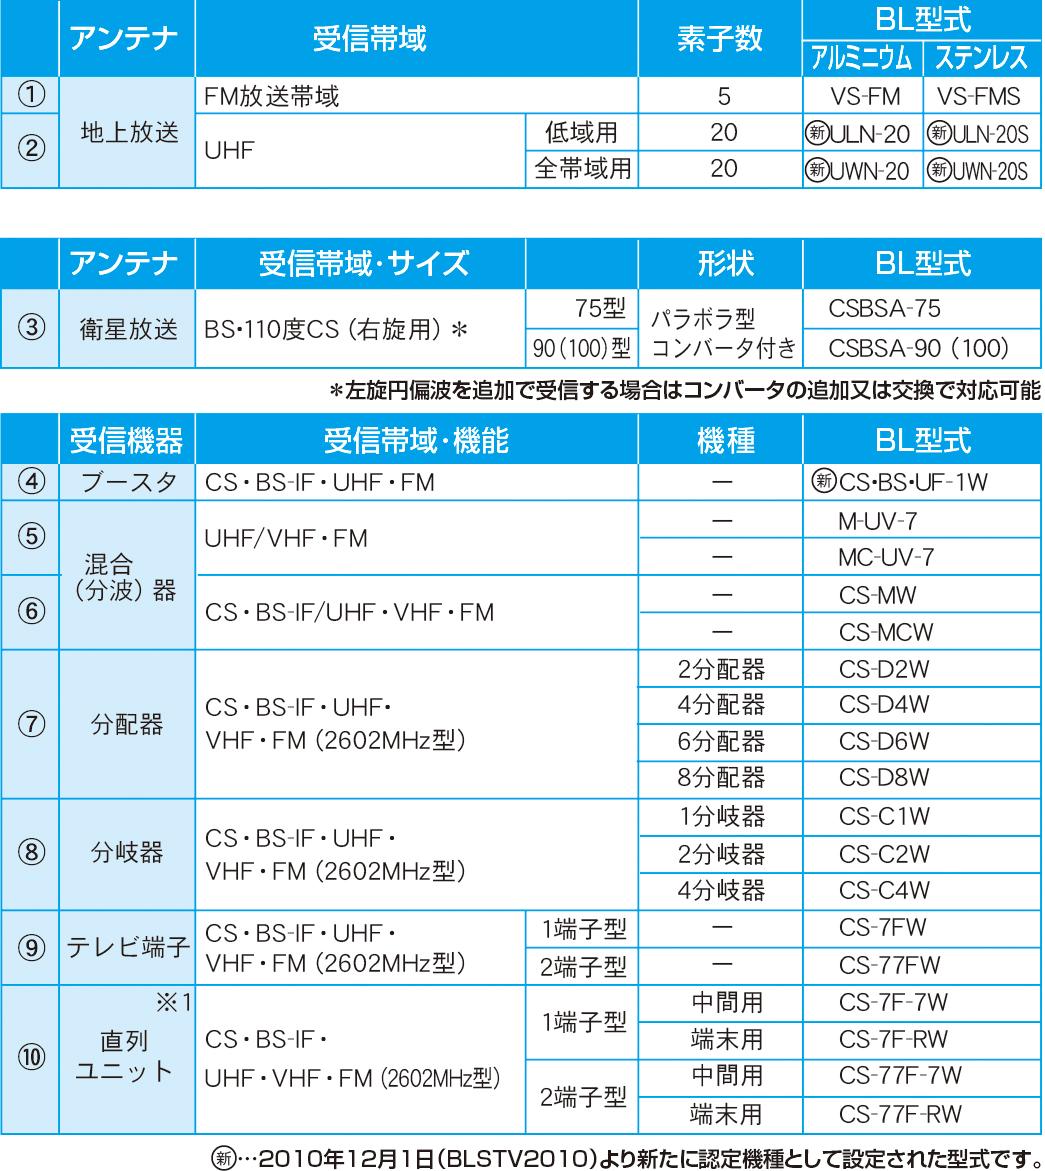 地上デジタル放送/BS・CSデジタル放送用アンテナ、受信機器